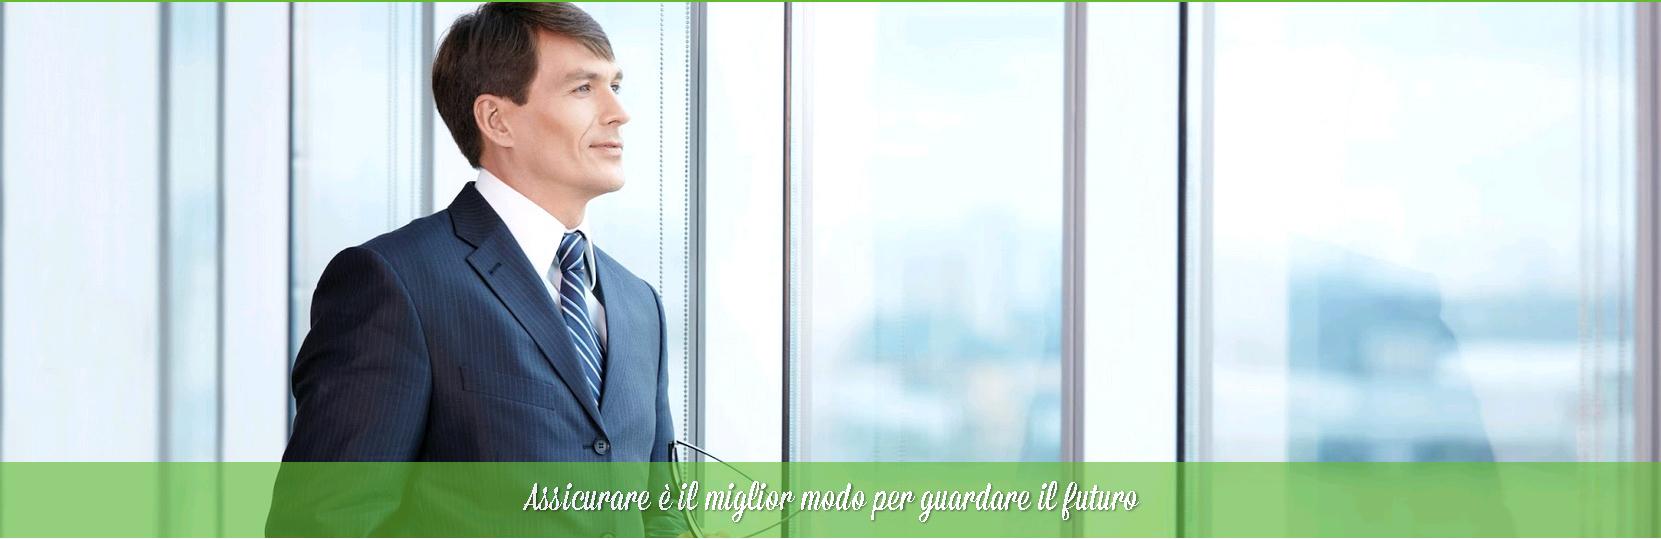 Header Unidea Assicurazioni